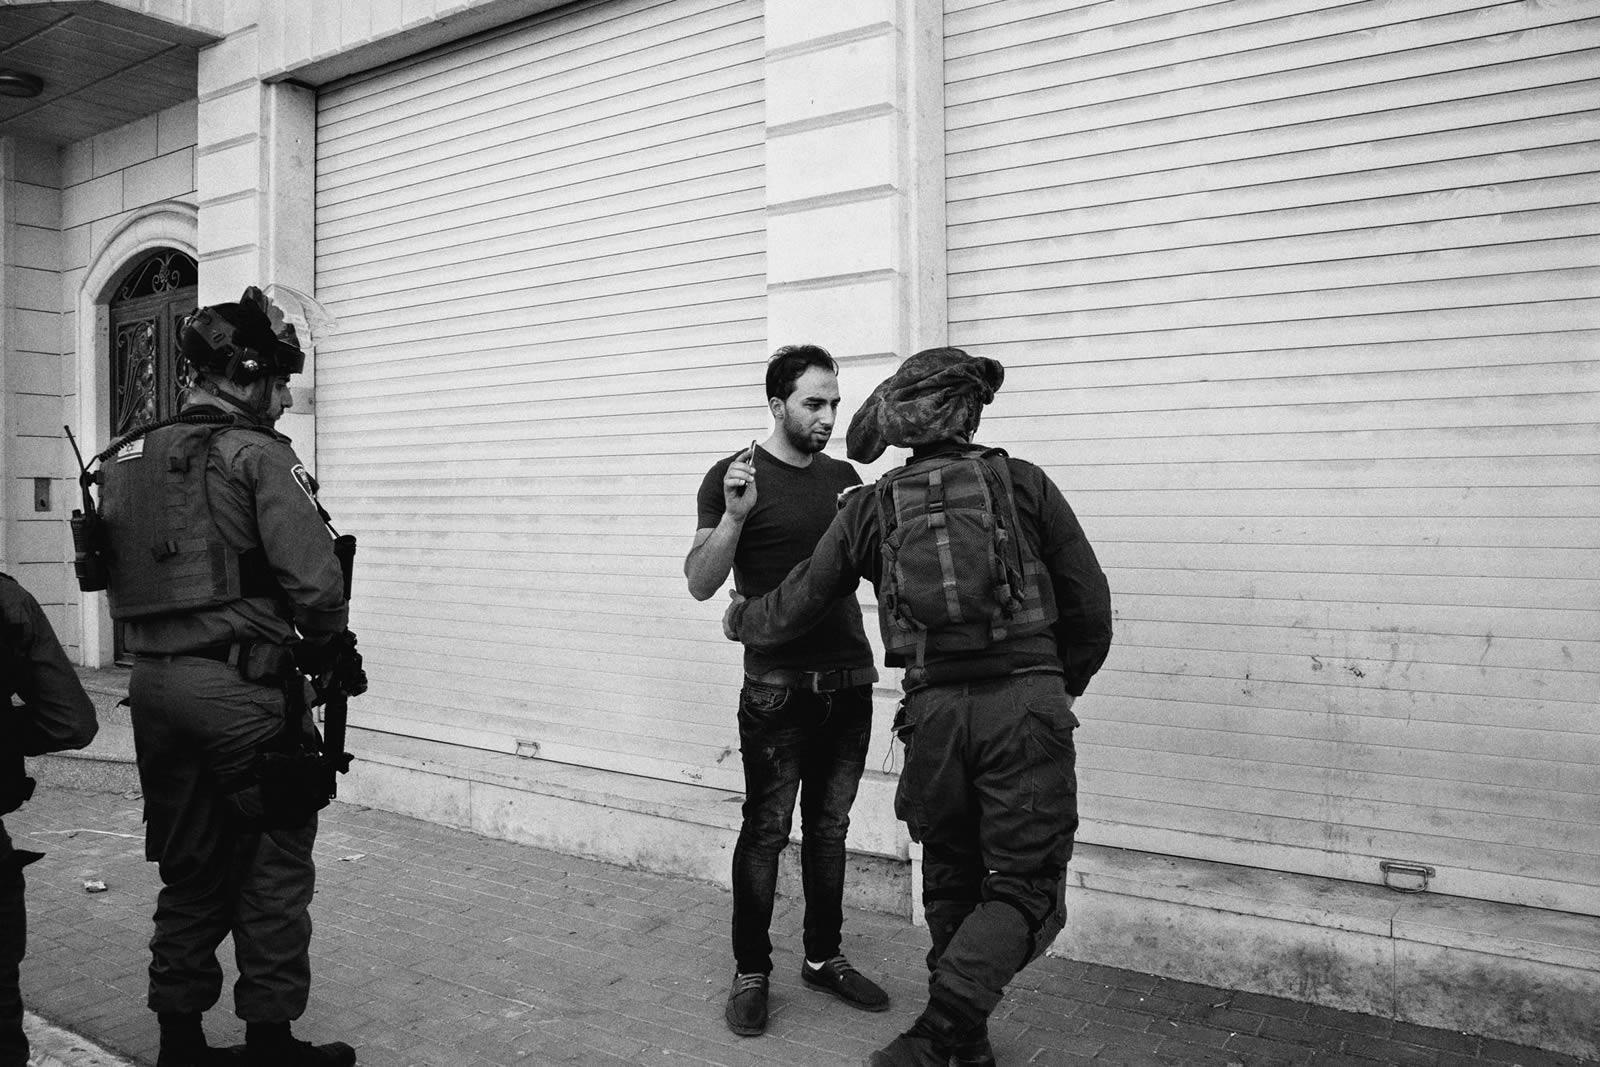 對巴勒斯坦人而言,檢查站是他們每天面對恐嚇和羞辱的地方,同時亦提醒著他們正生活在以色列的佔領下。© Moises Saman/Magnum Photos